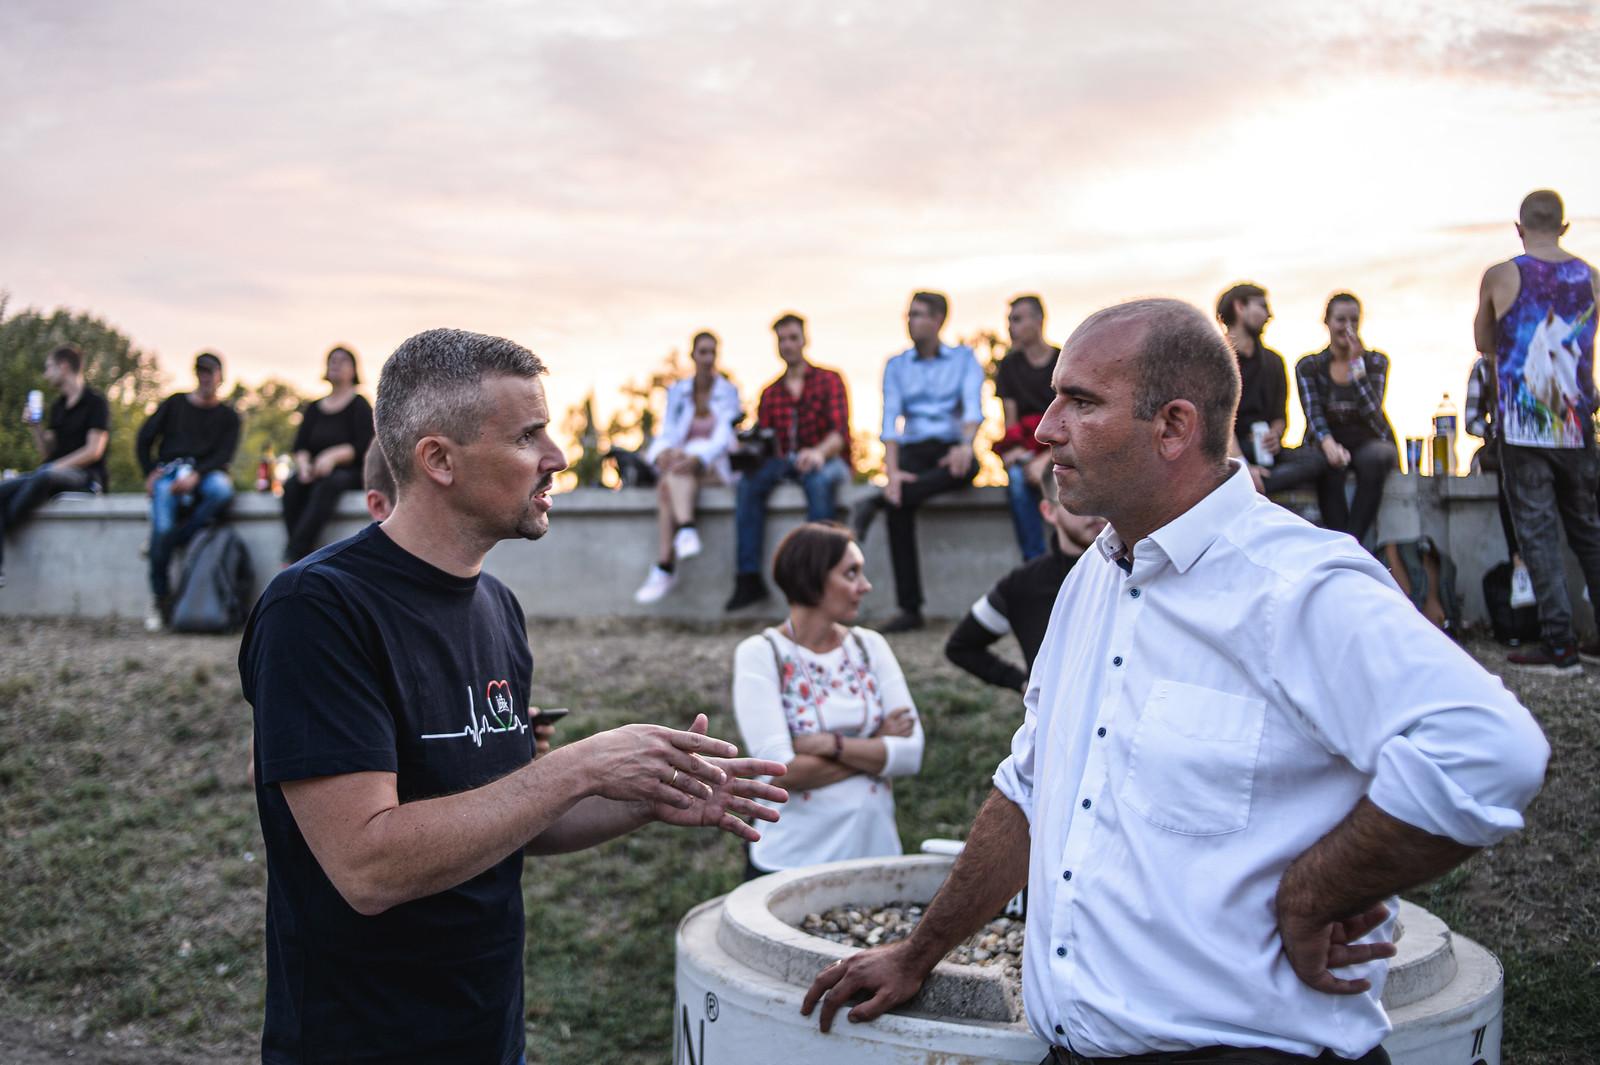 Gyurcsány a SZIN-en, Jakab a bejáratnál kampányolt